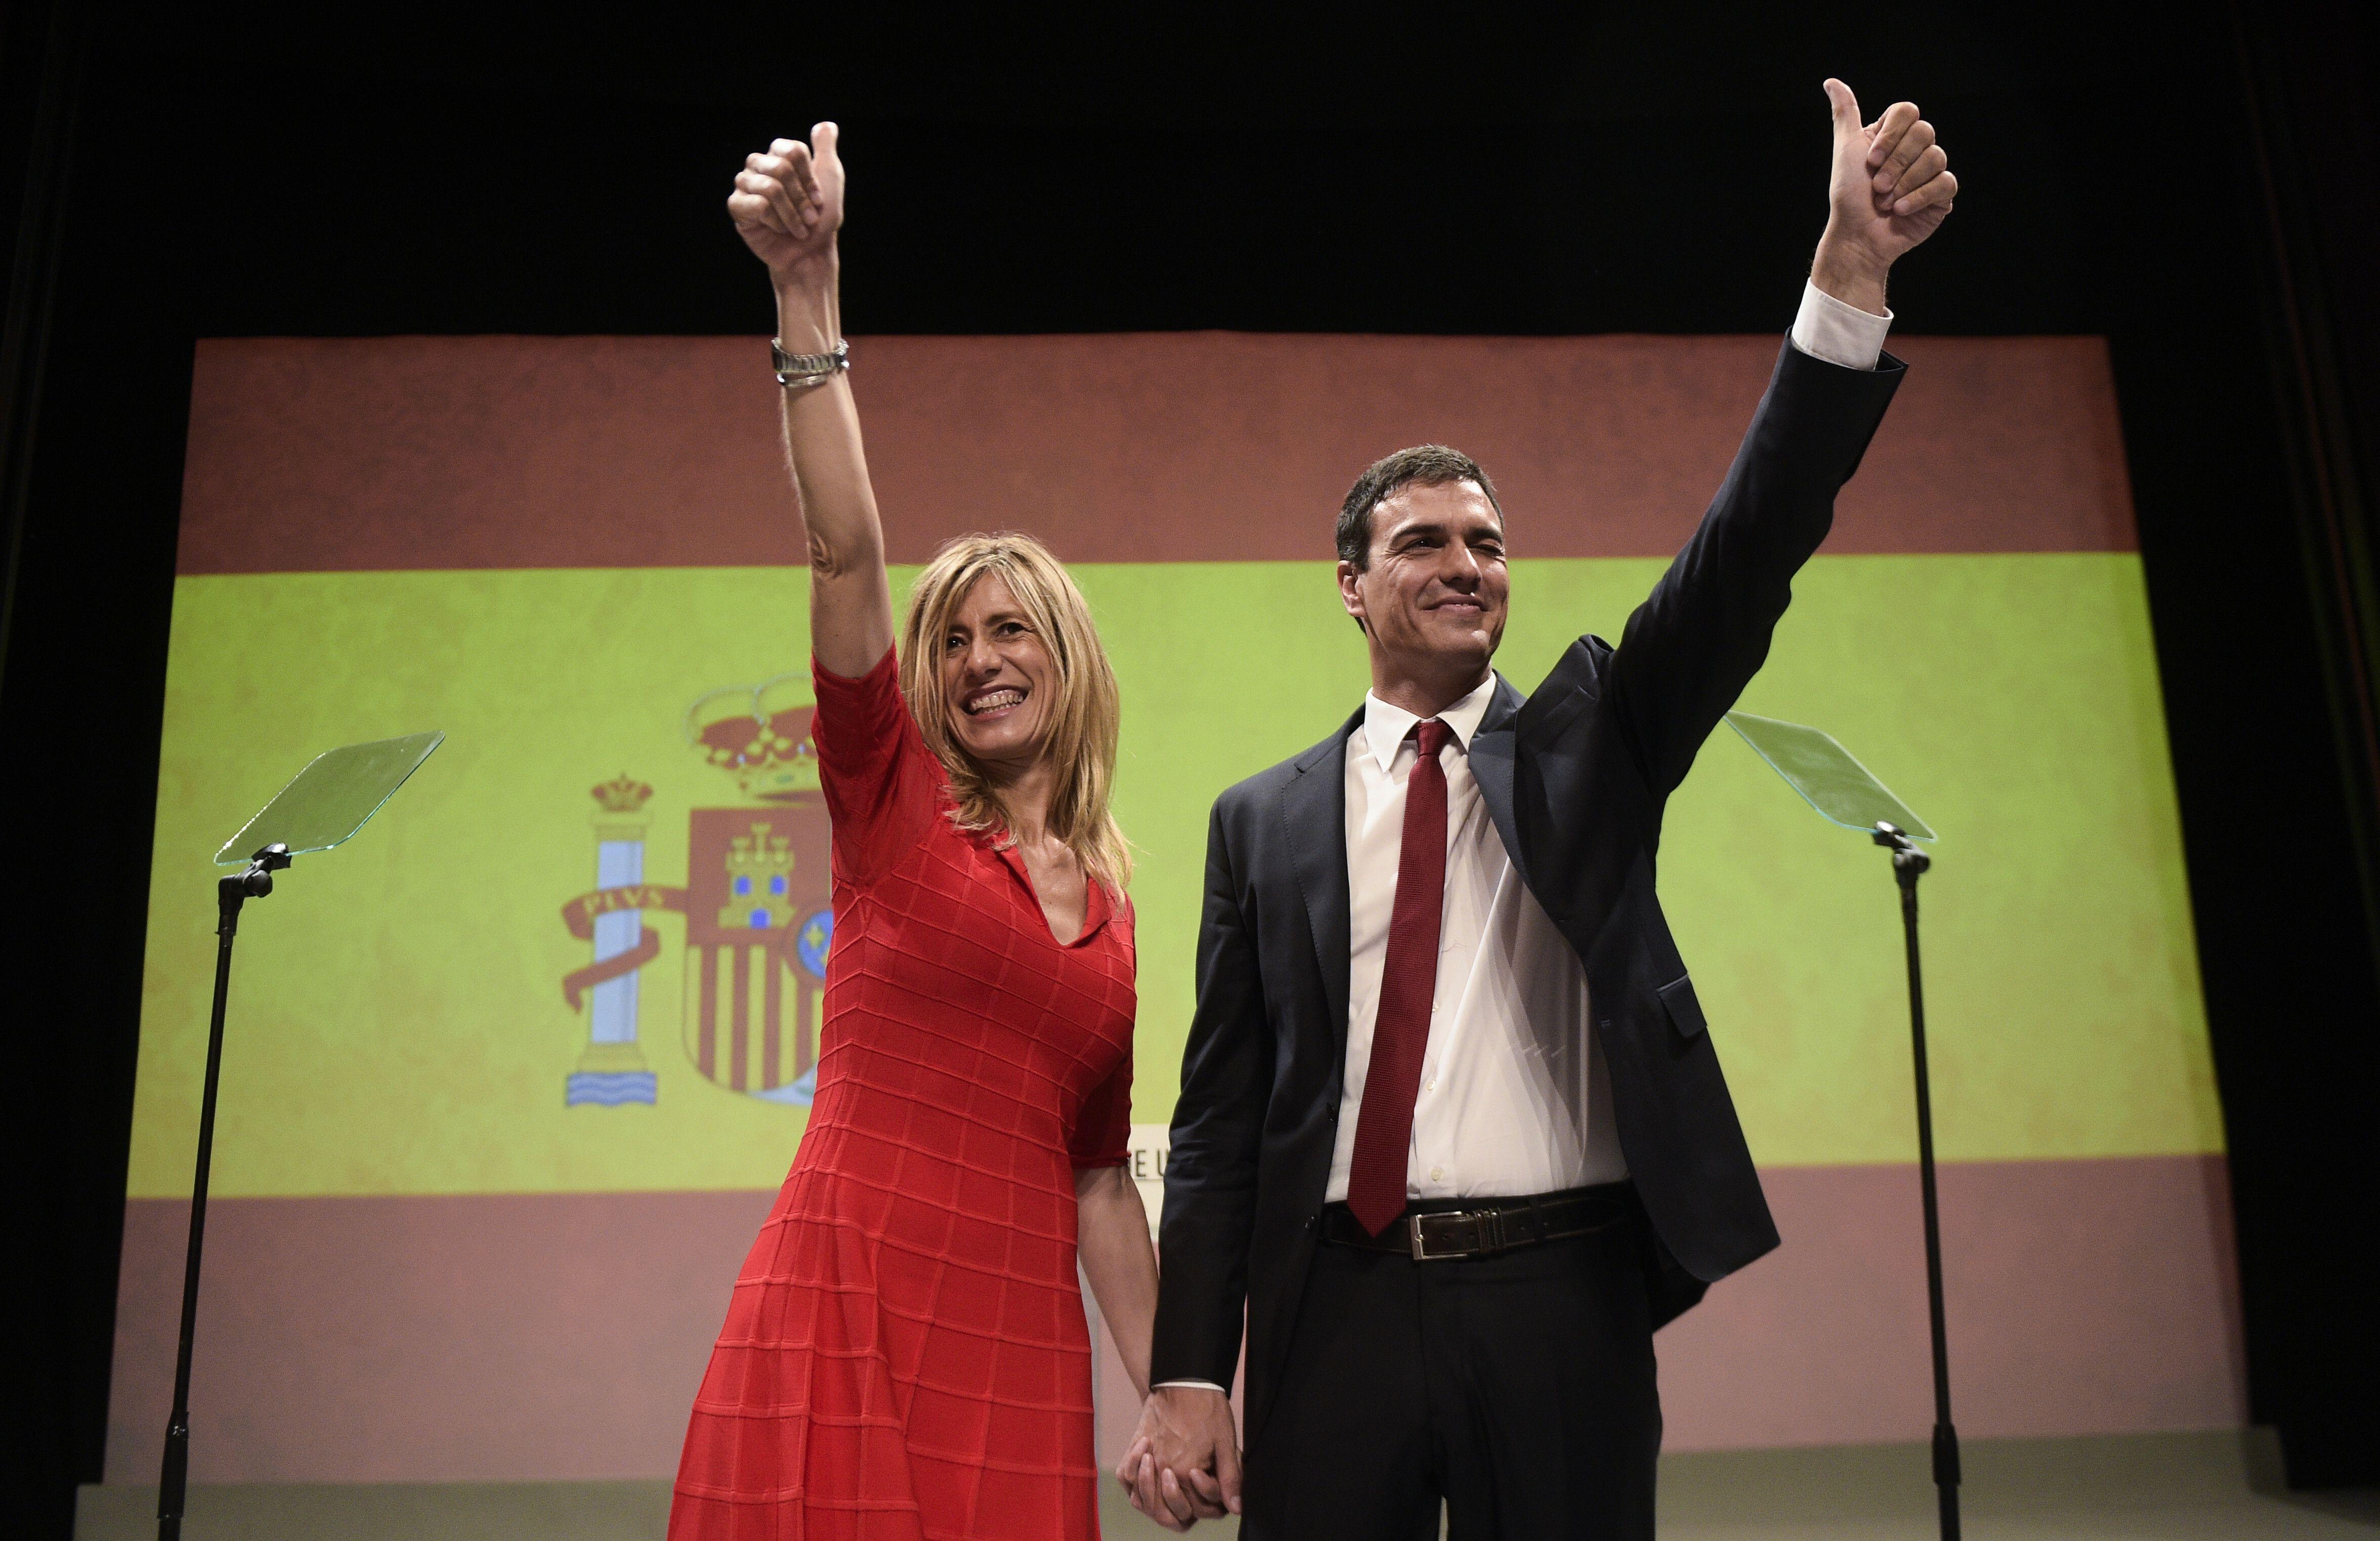 Begoña y Pedro durante comité federal del PSOE en el que le nombraron candidato.